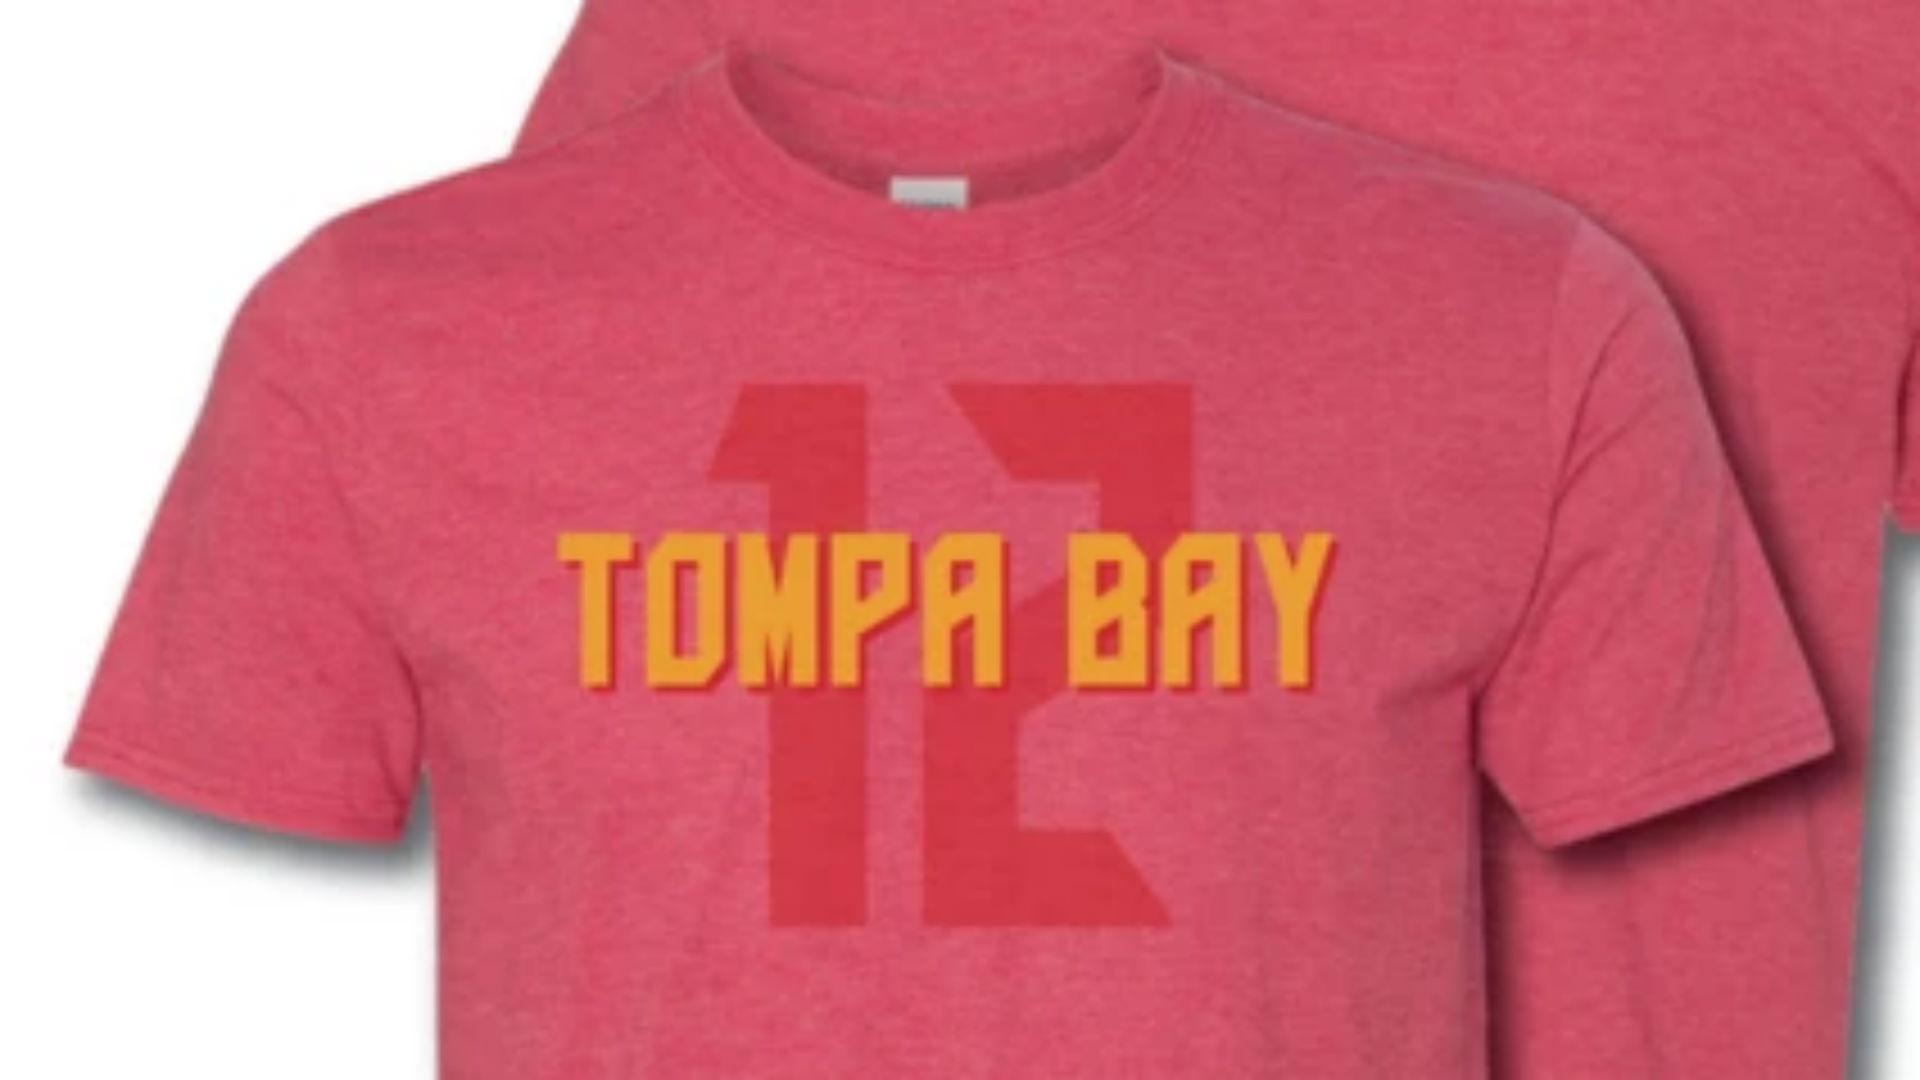 La marca 'Tompa Bay' de Tom Brady abre las compuertas para bromas en Twitter 5